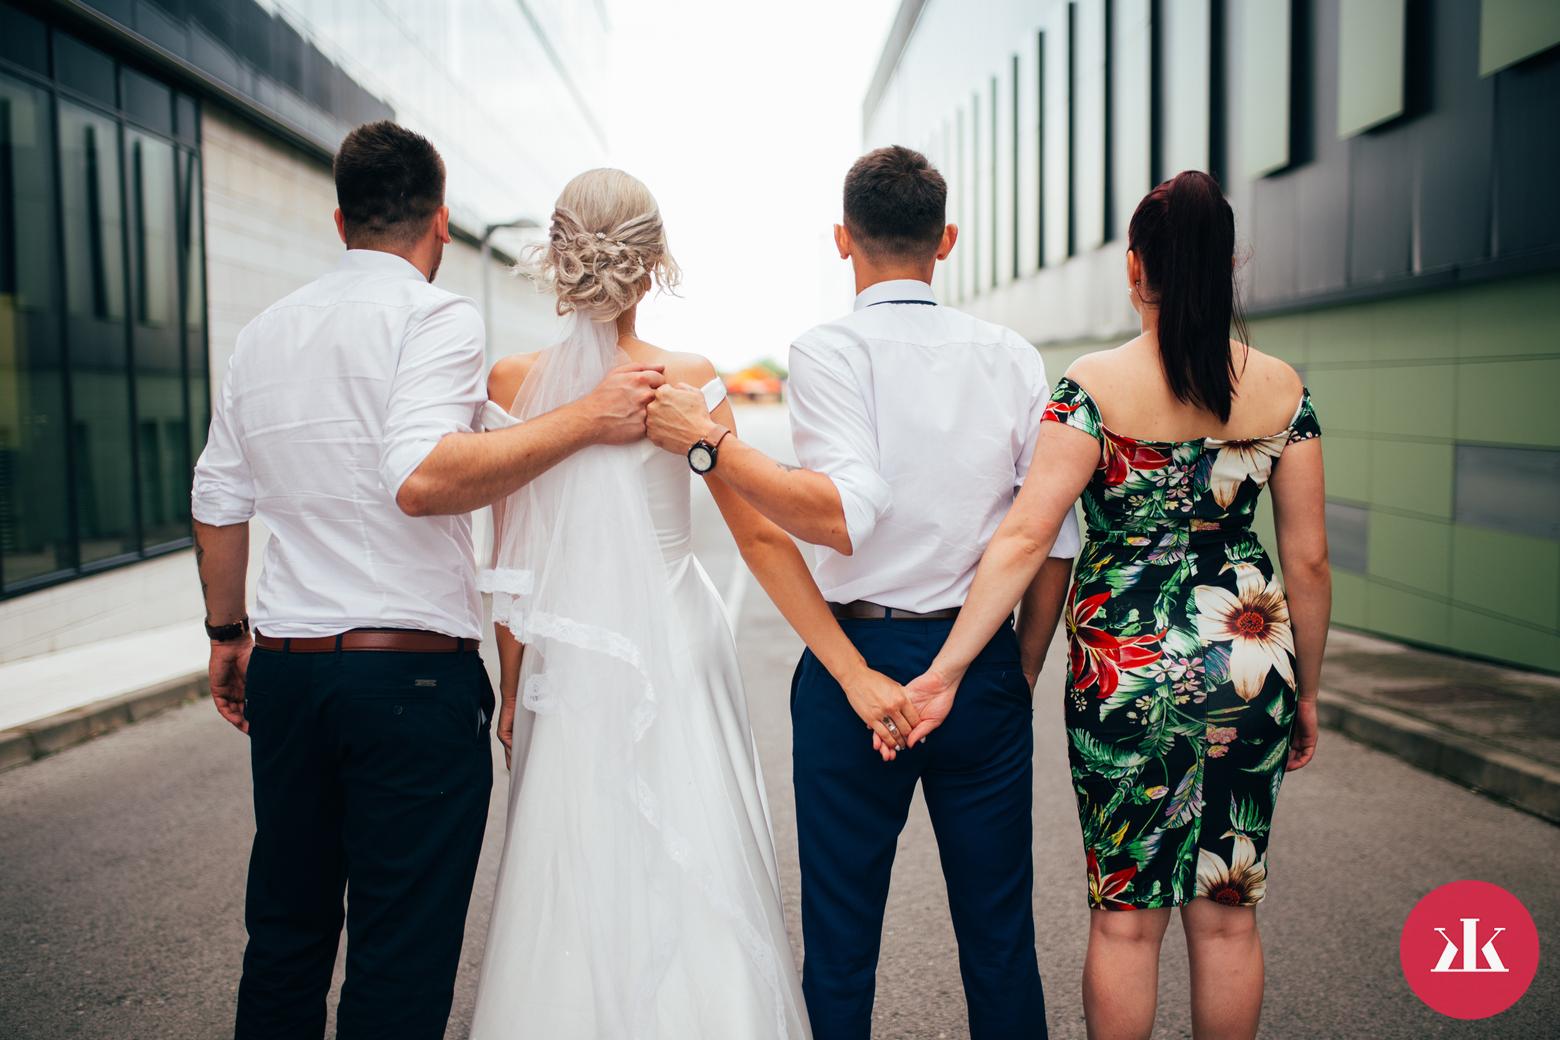 44970813b2a1 7 základných povinností družičky počas svadobného dňa  Čaká ťa to ...